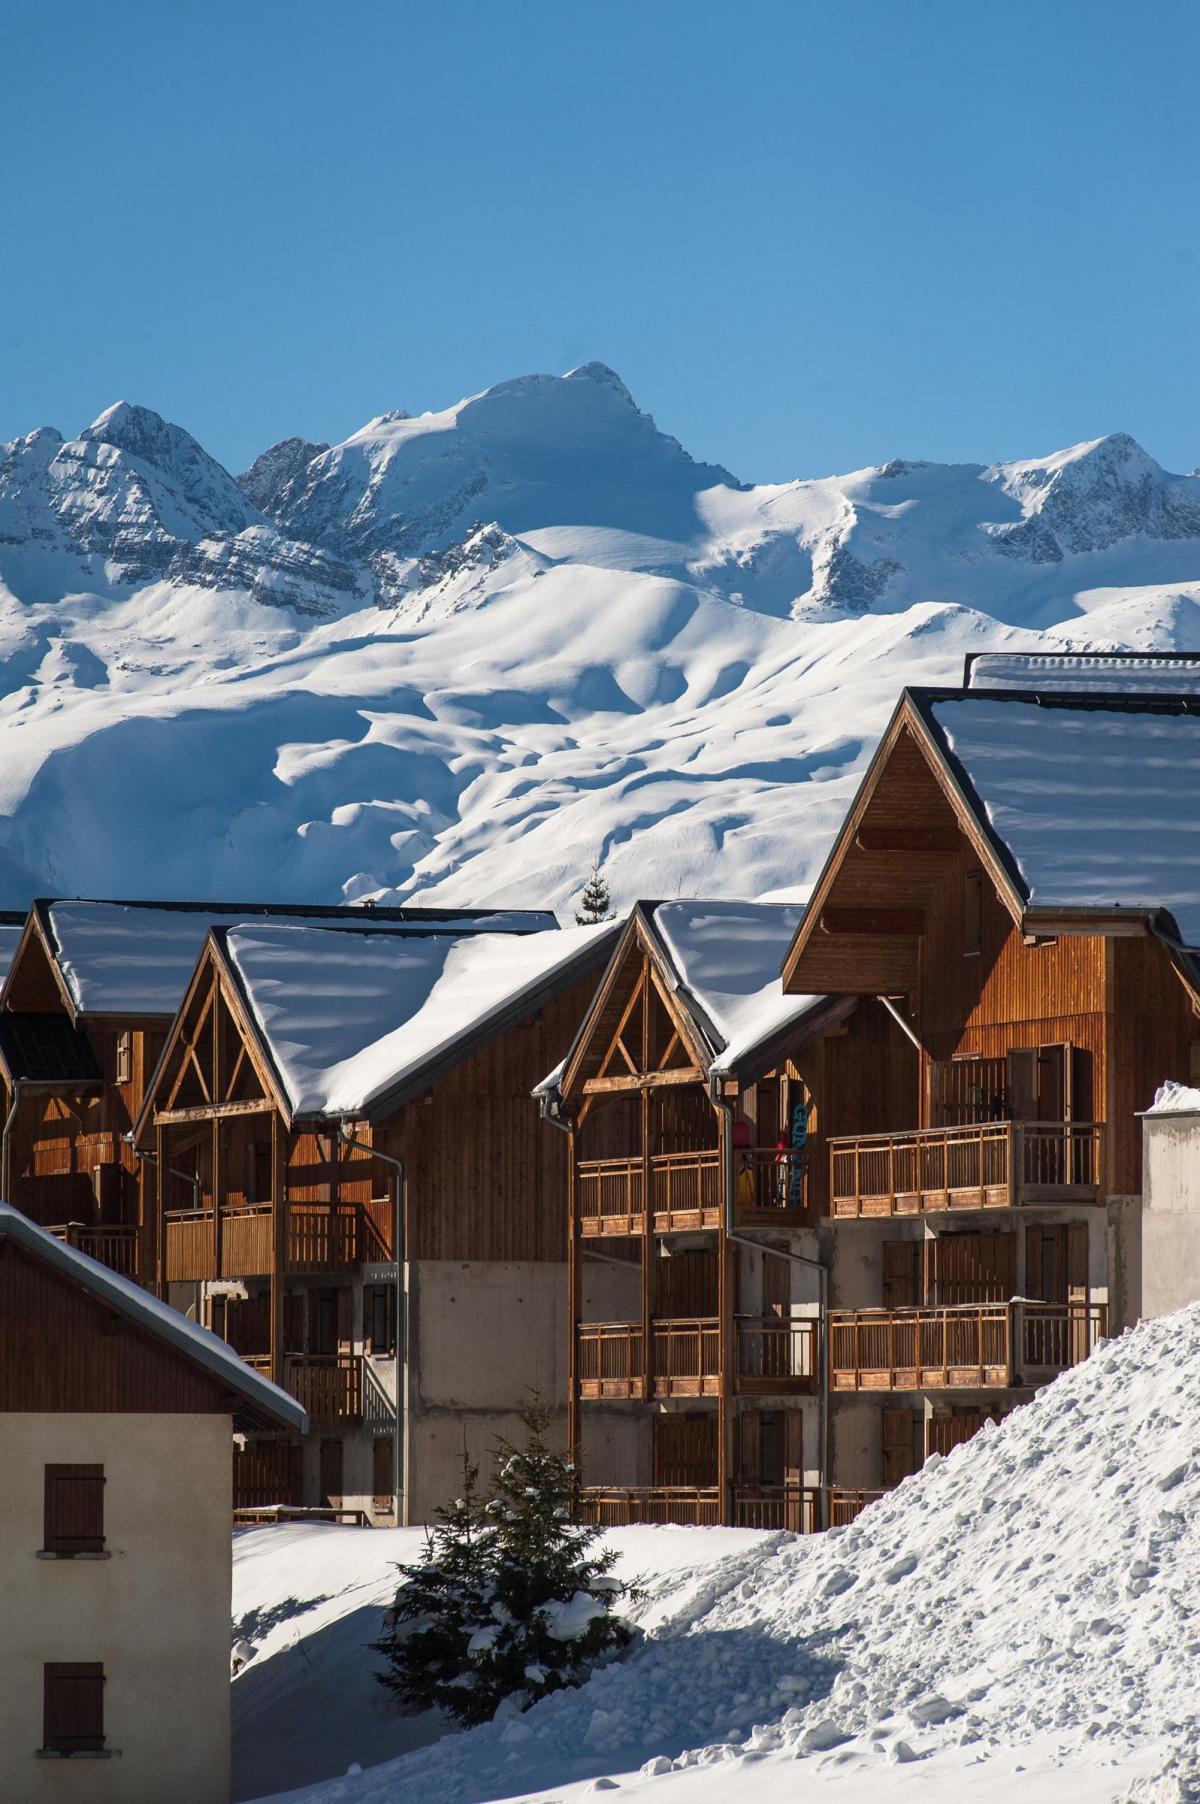 studio 2 4 personnes 224 albiez montrond alpes du nord les chalets du hameau des aiguilles ski